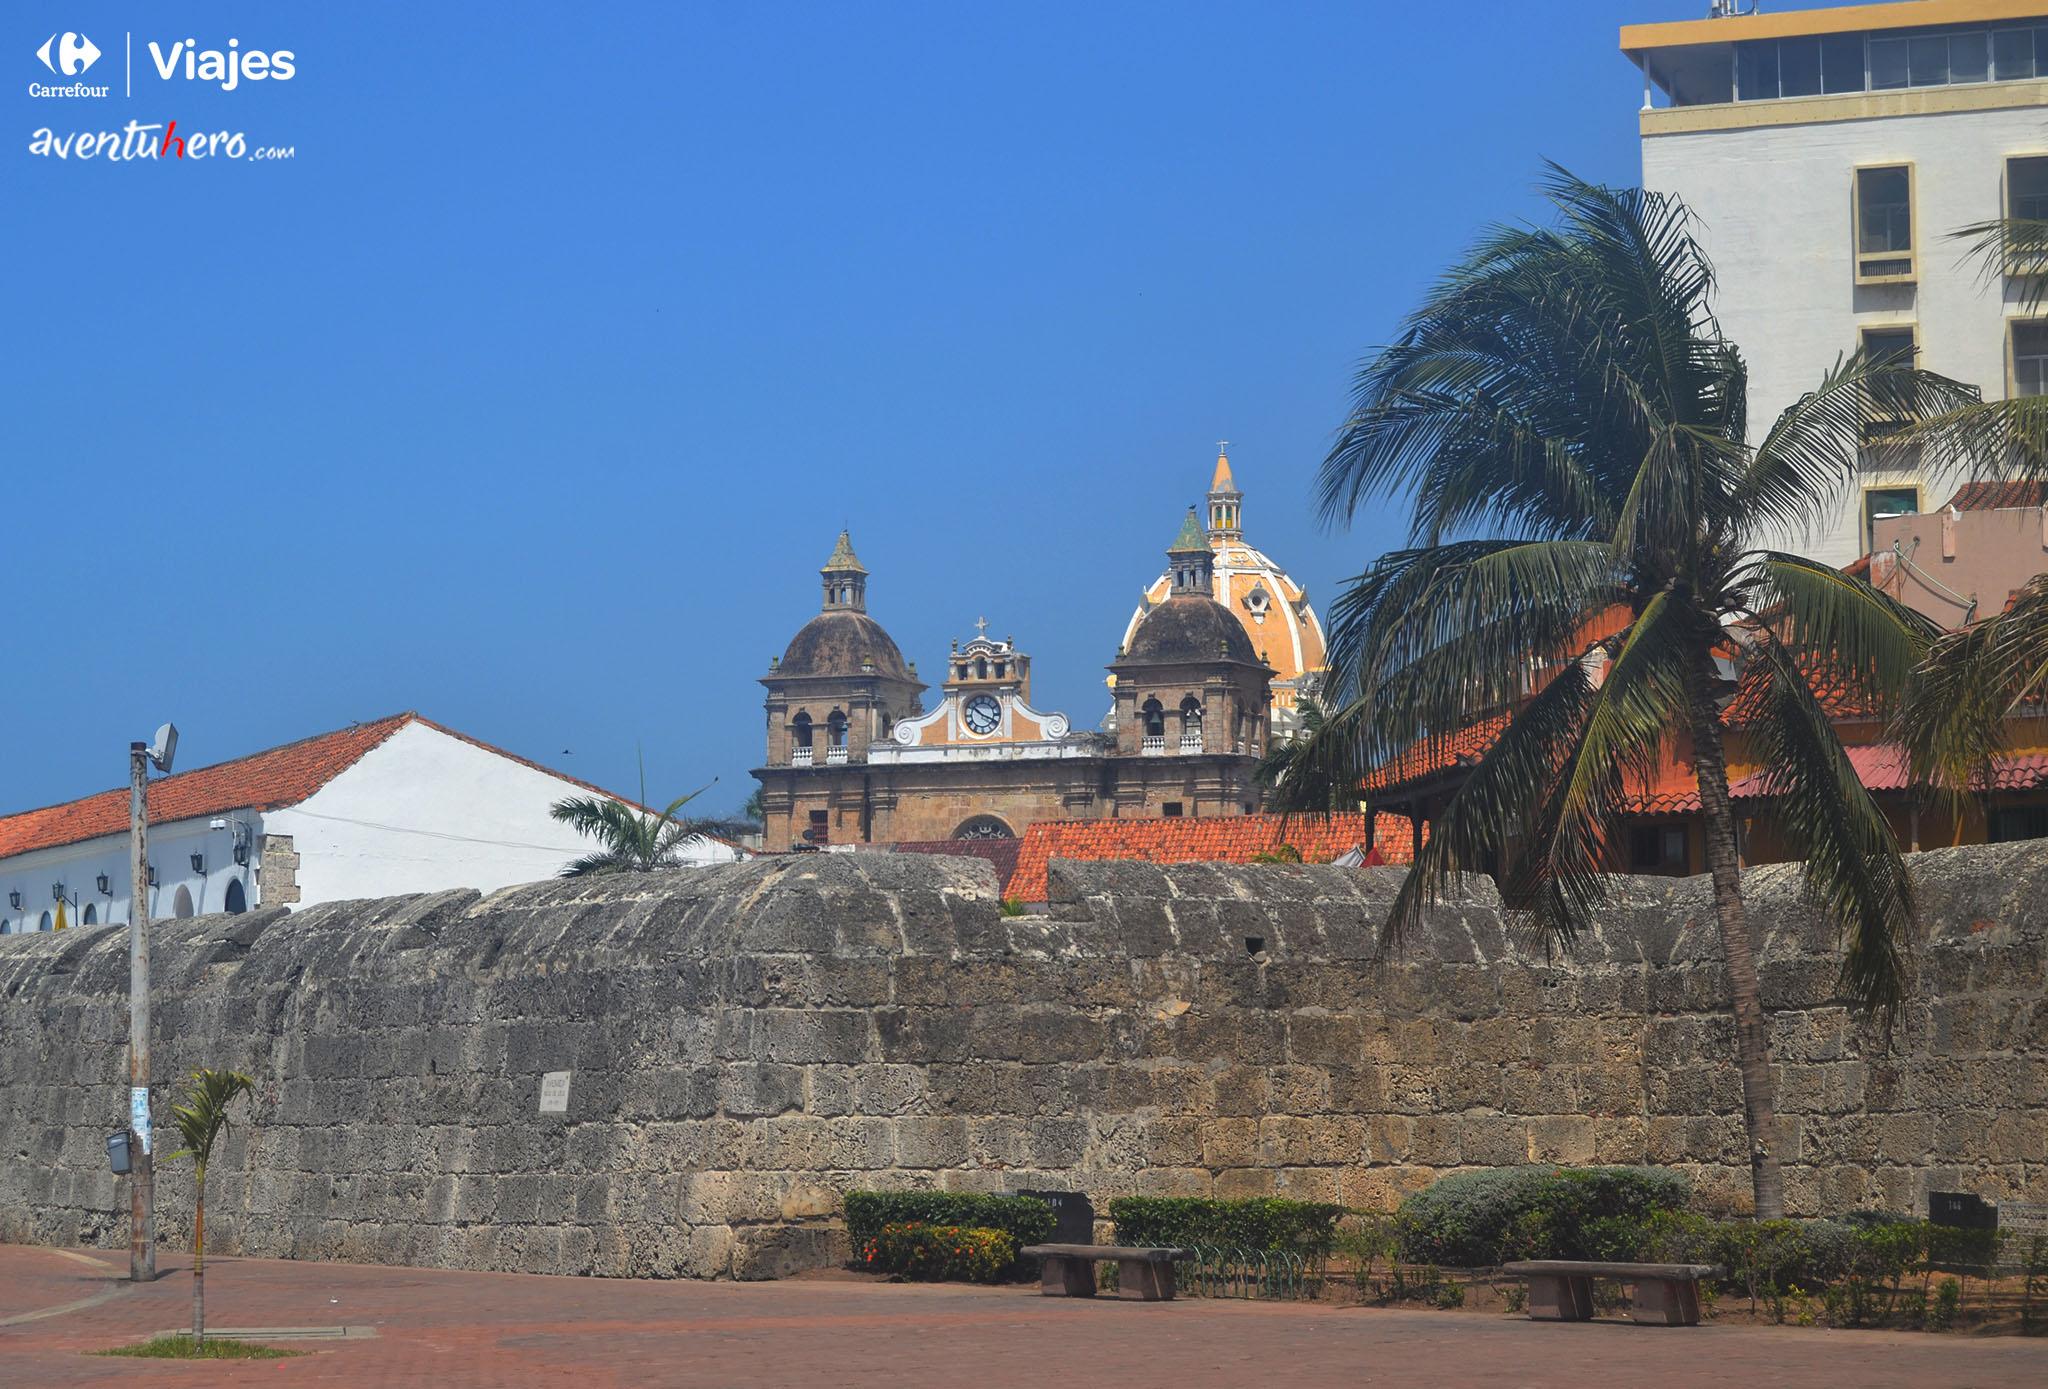 Cuidad amurallada de Cartagena de Indias